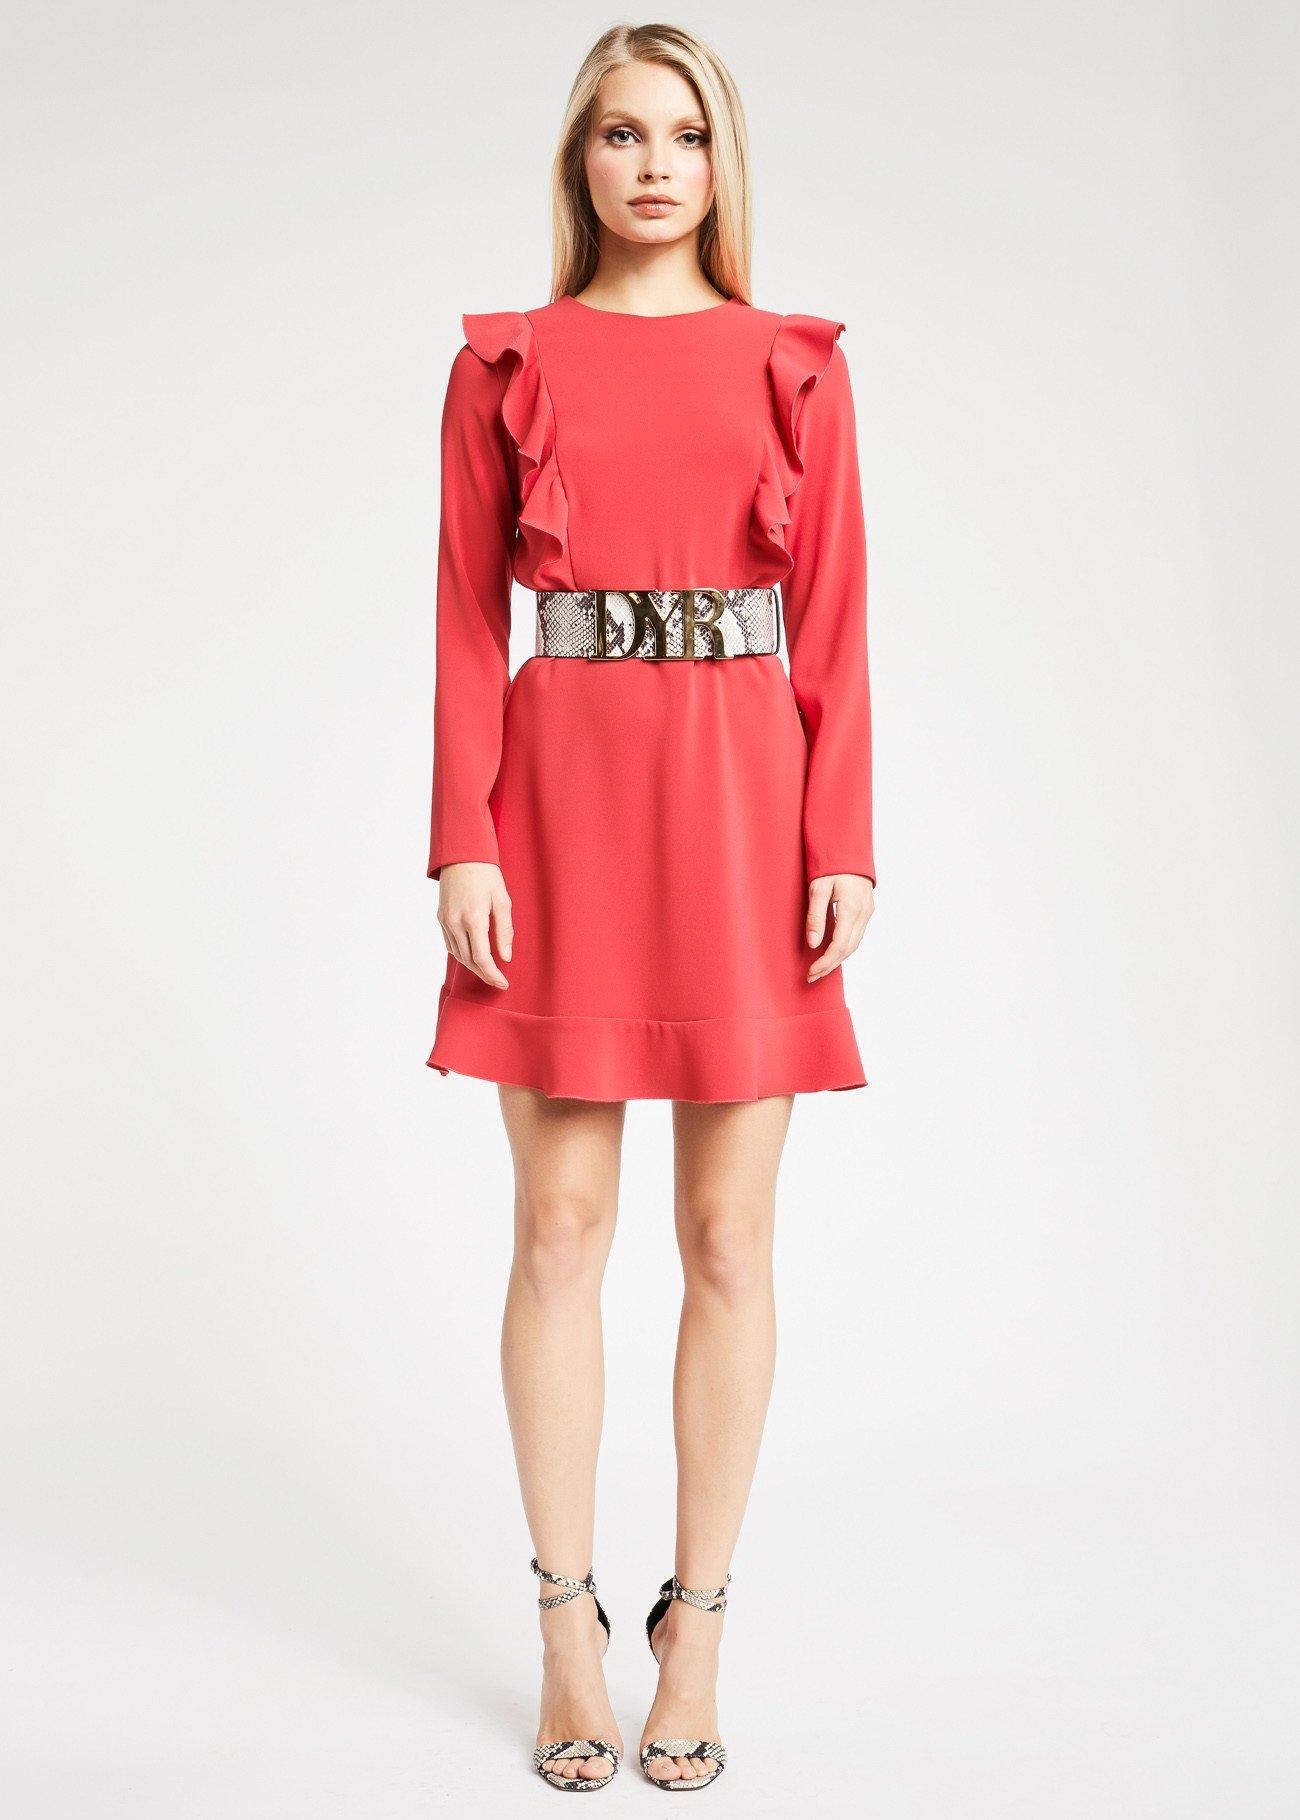 Denny Rose vestito con rouches collezione inverno 2019 2020